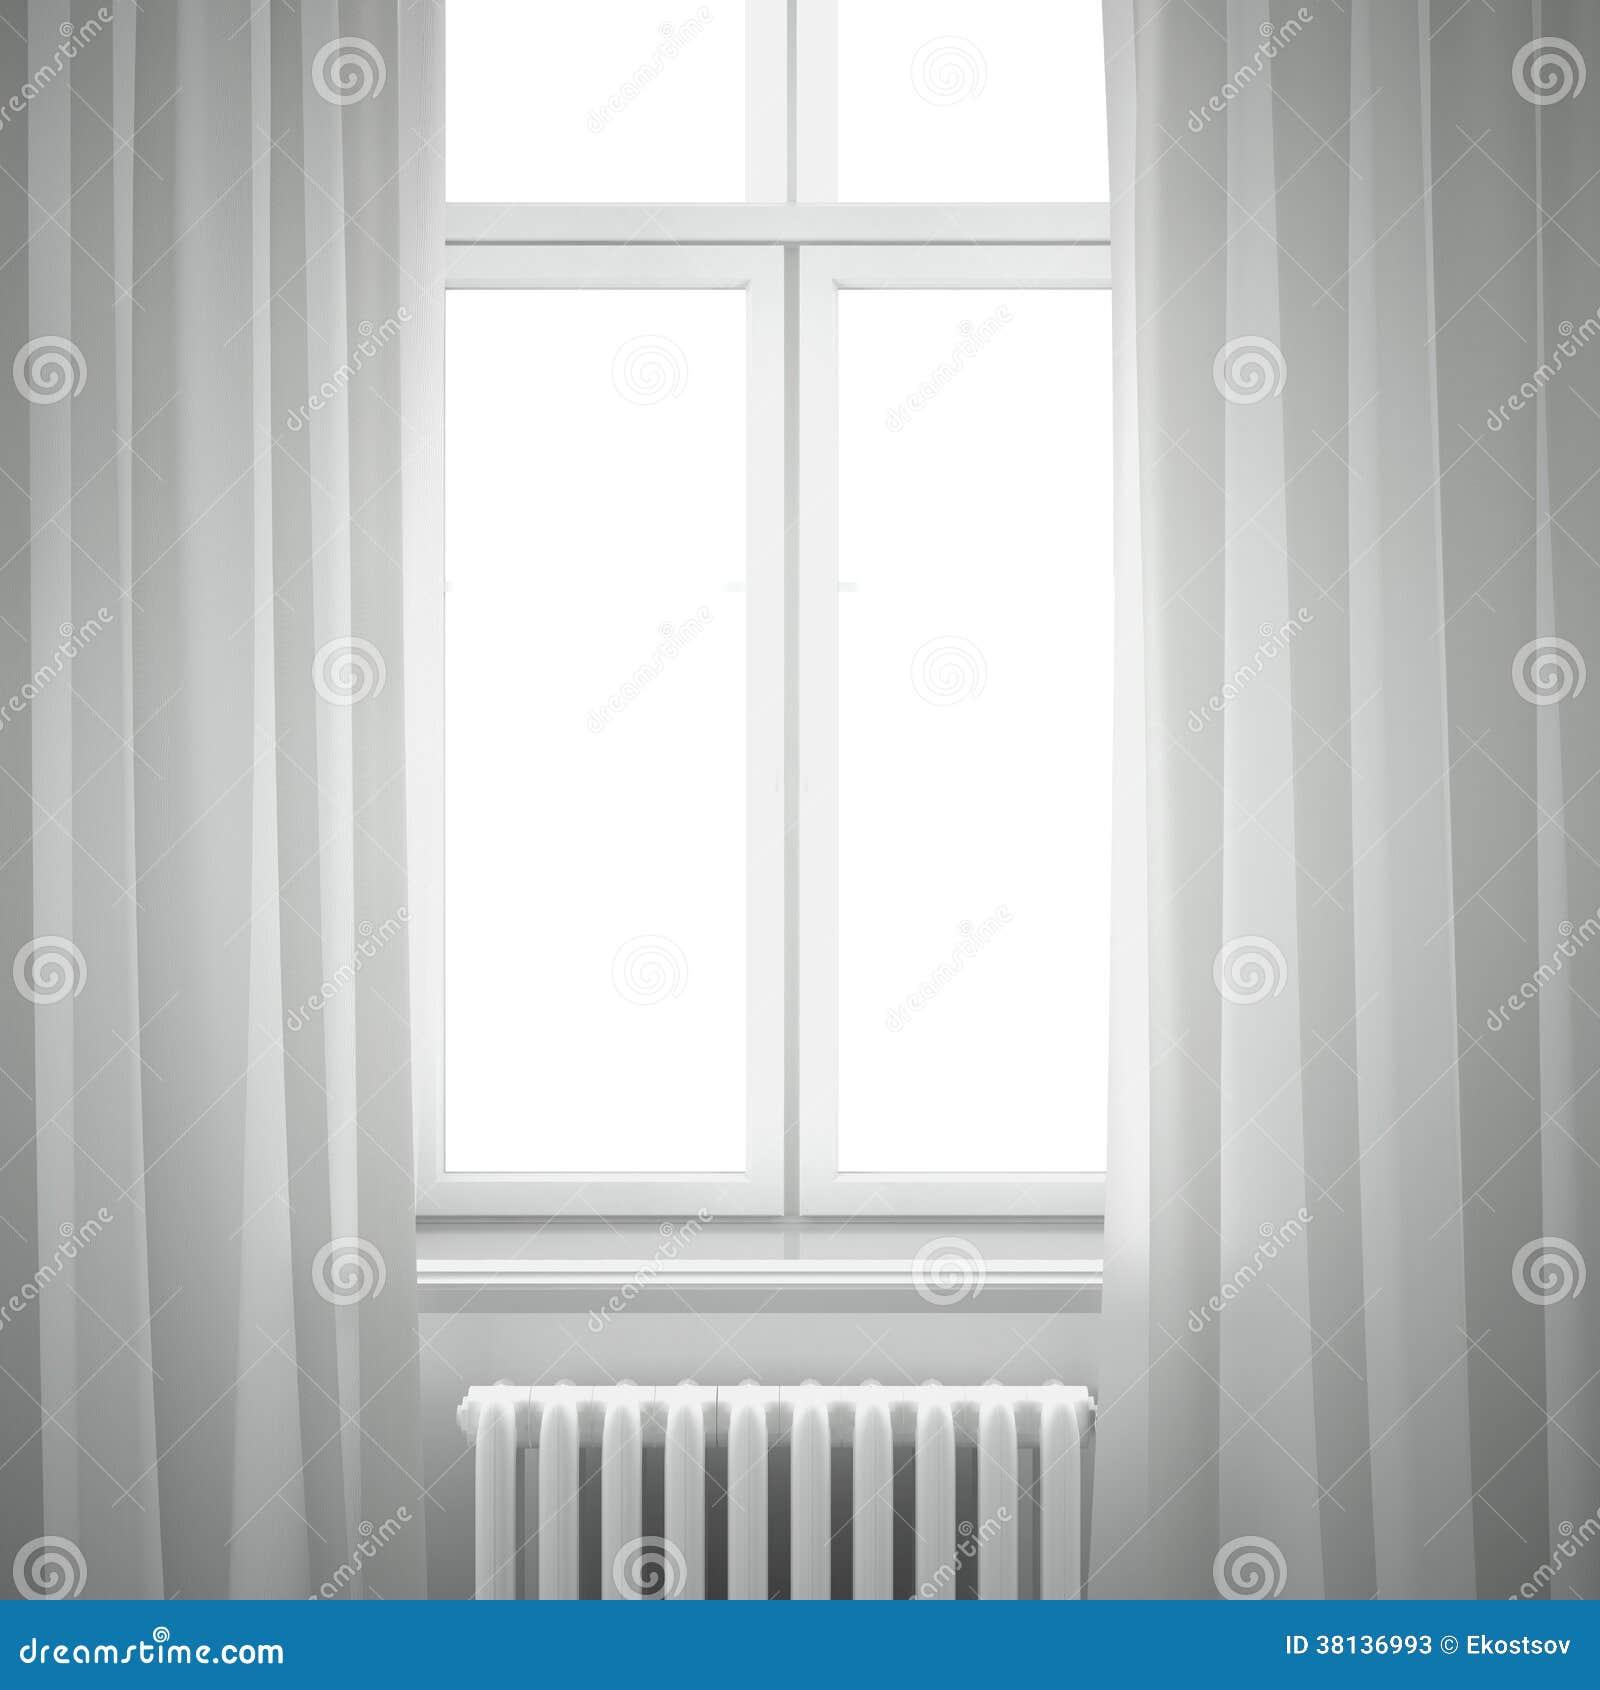 Fensterrahmen mit Vorhang stock abbildung. Illustration von aufbau ...